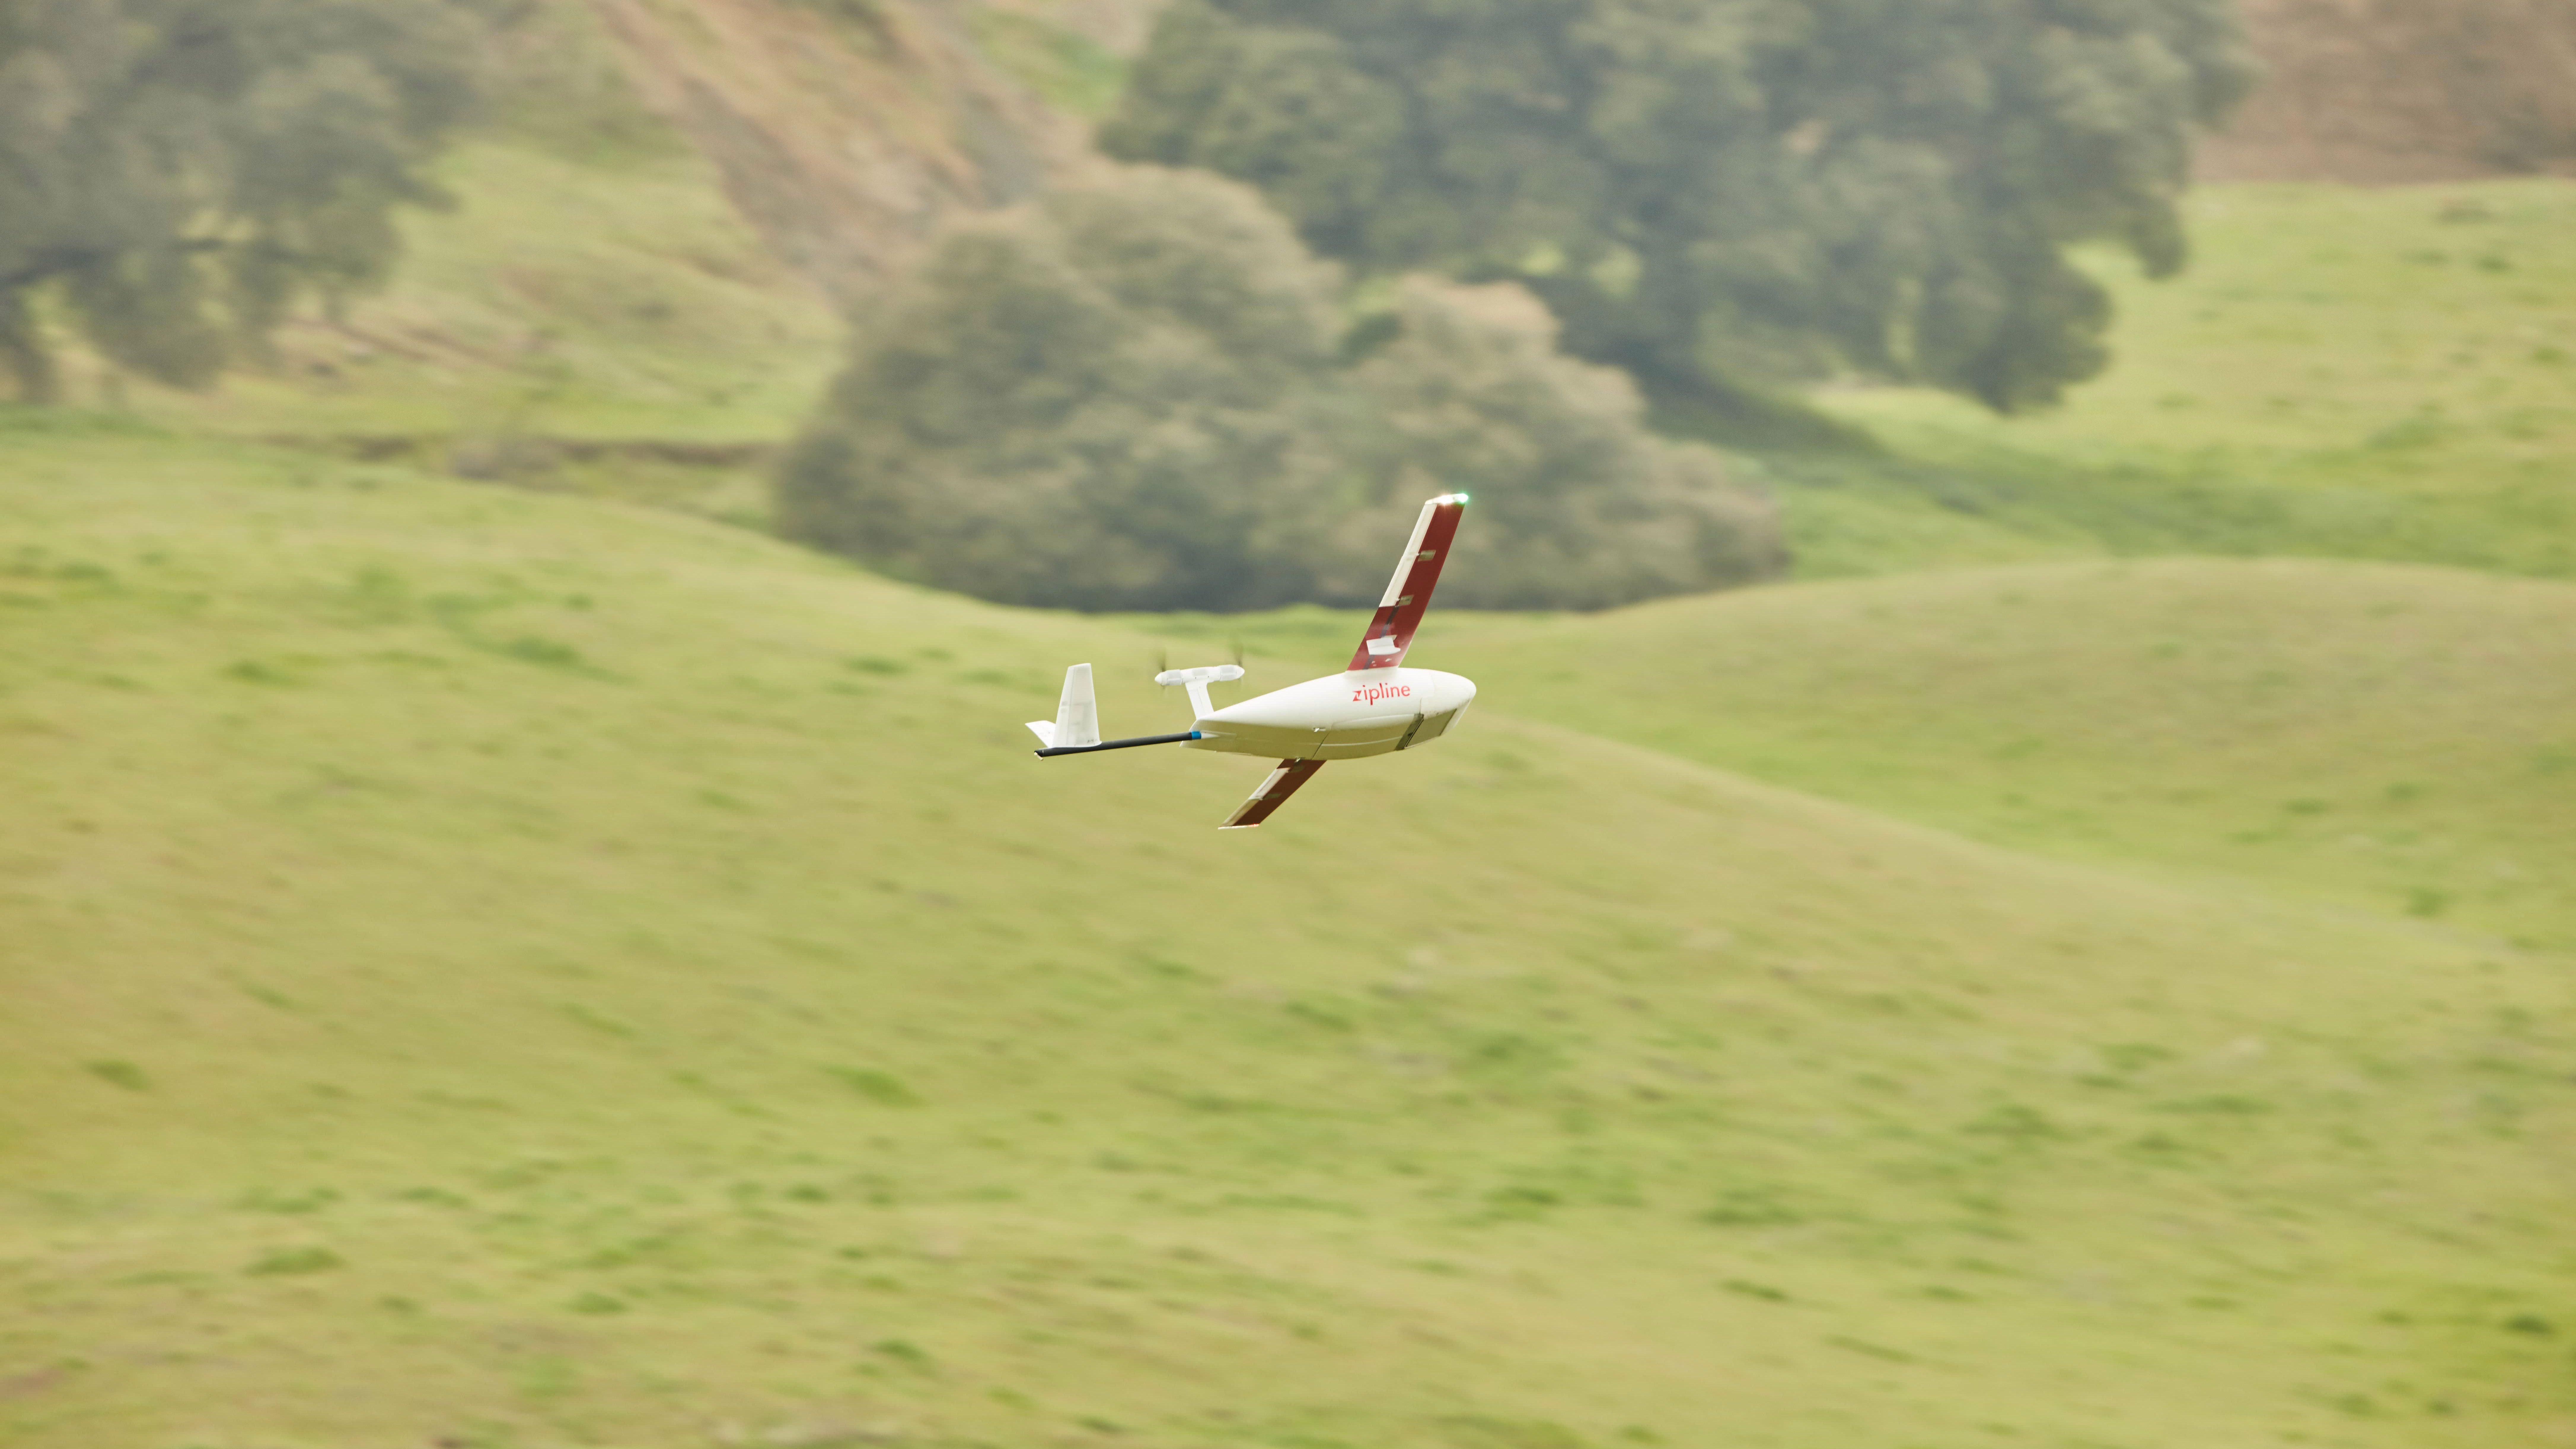 Zipeline's fastest drone yet.